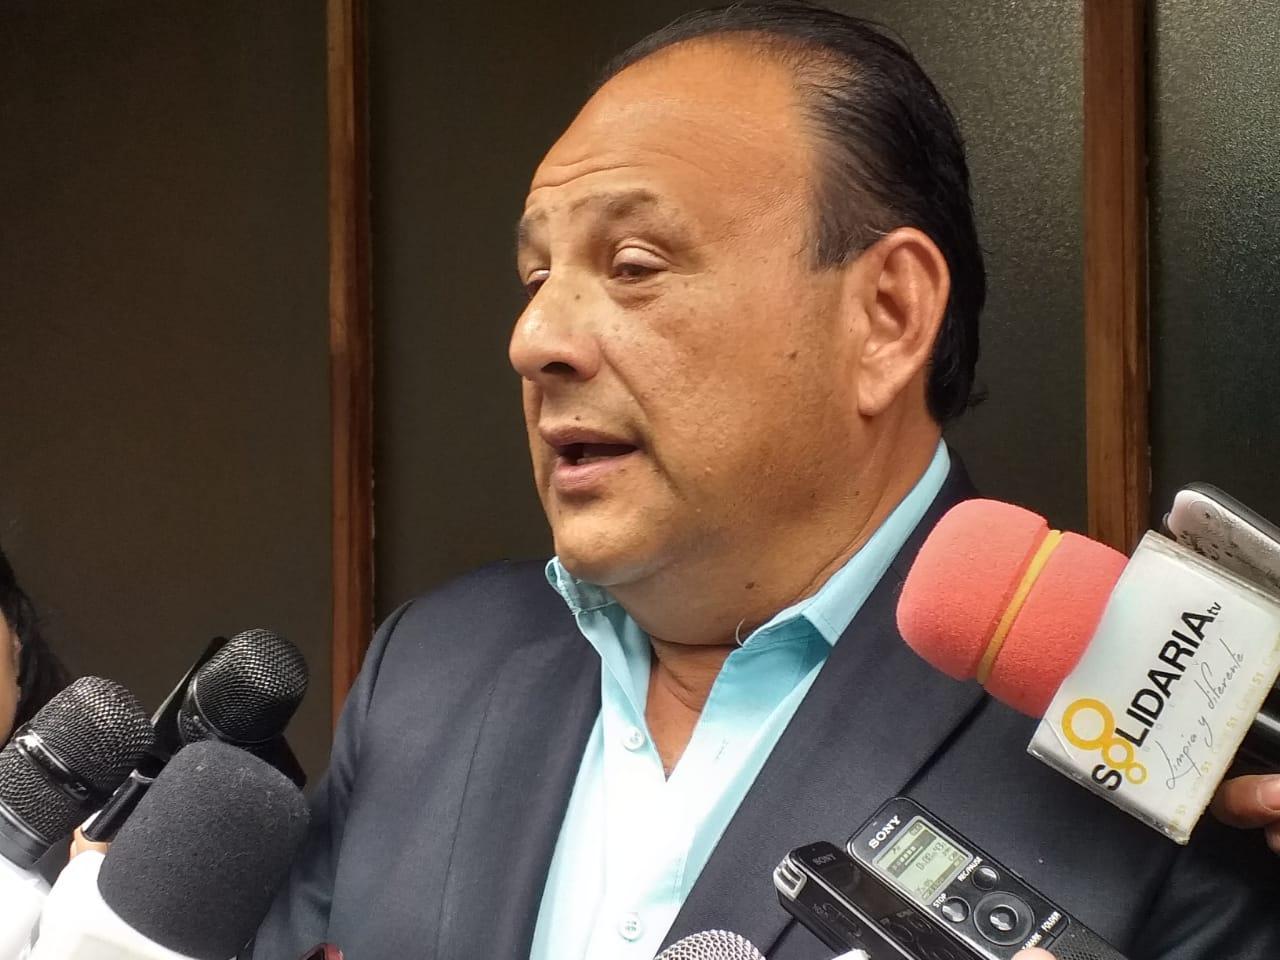 Colegio Médico retomará el diálogo con el Gobierno el próximo lunes en Santa Cruz